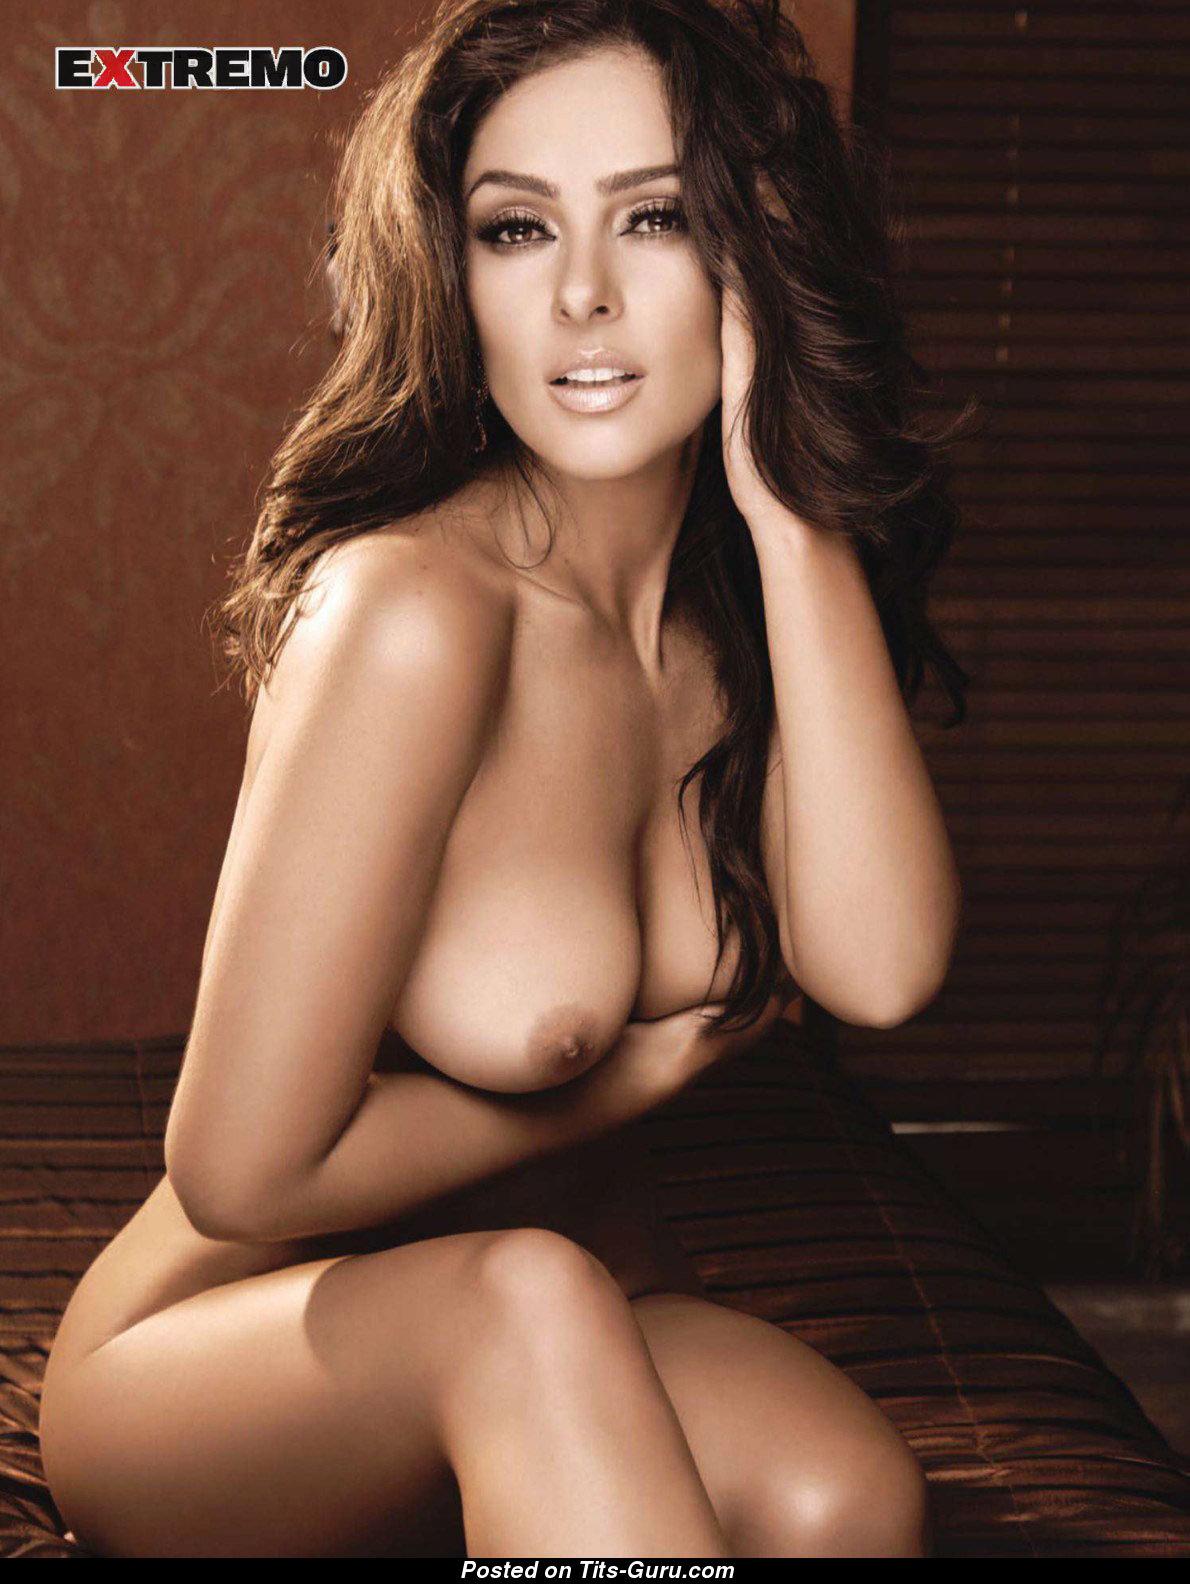 Mexican big tits latina